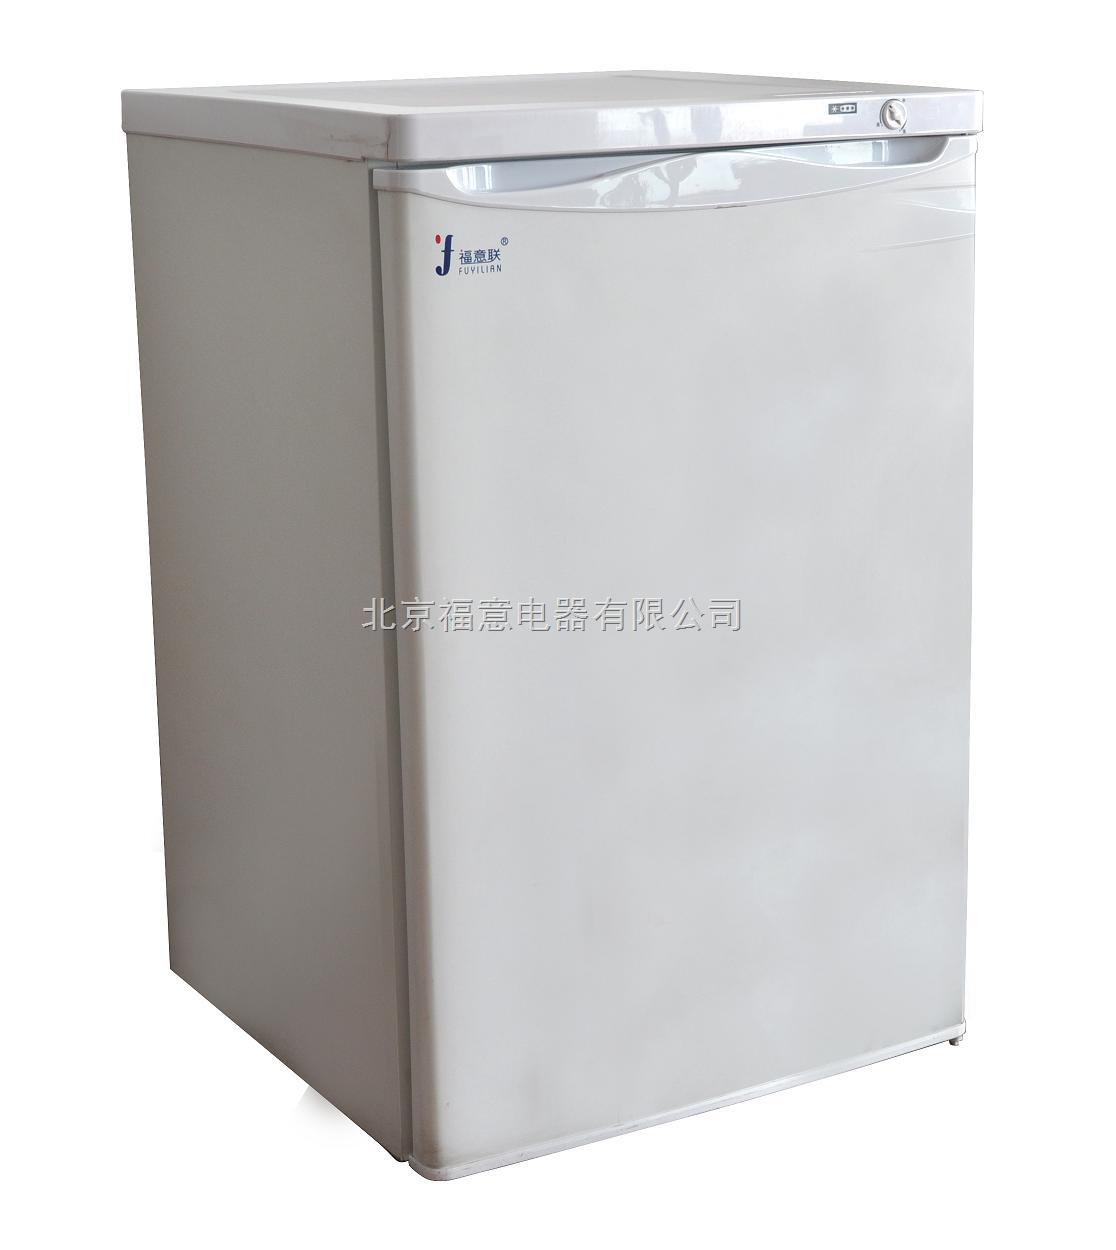 保存生物样品的全冷冻低温冰箱